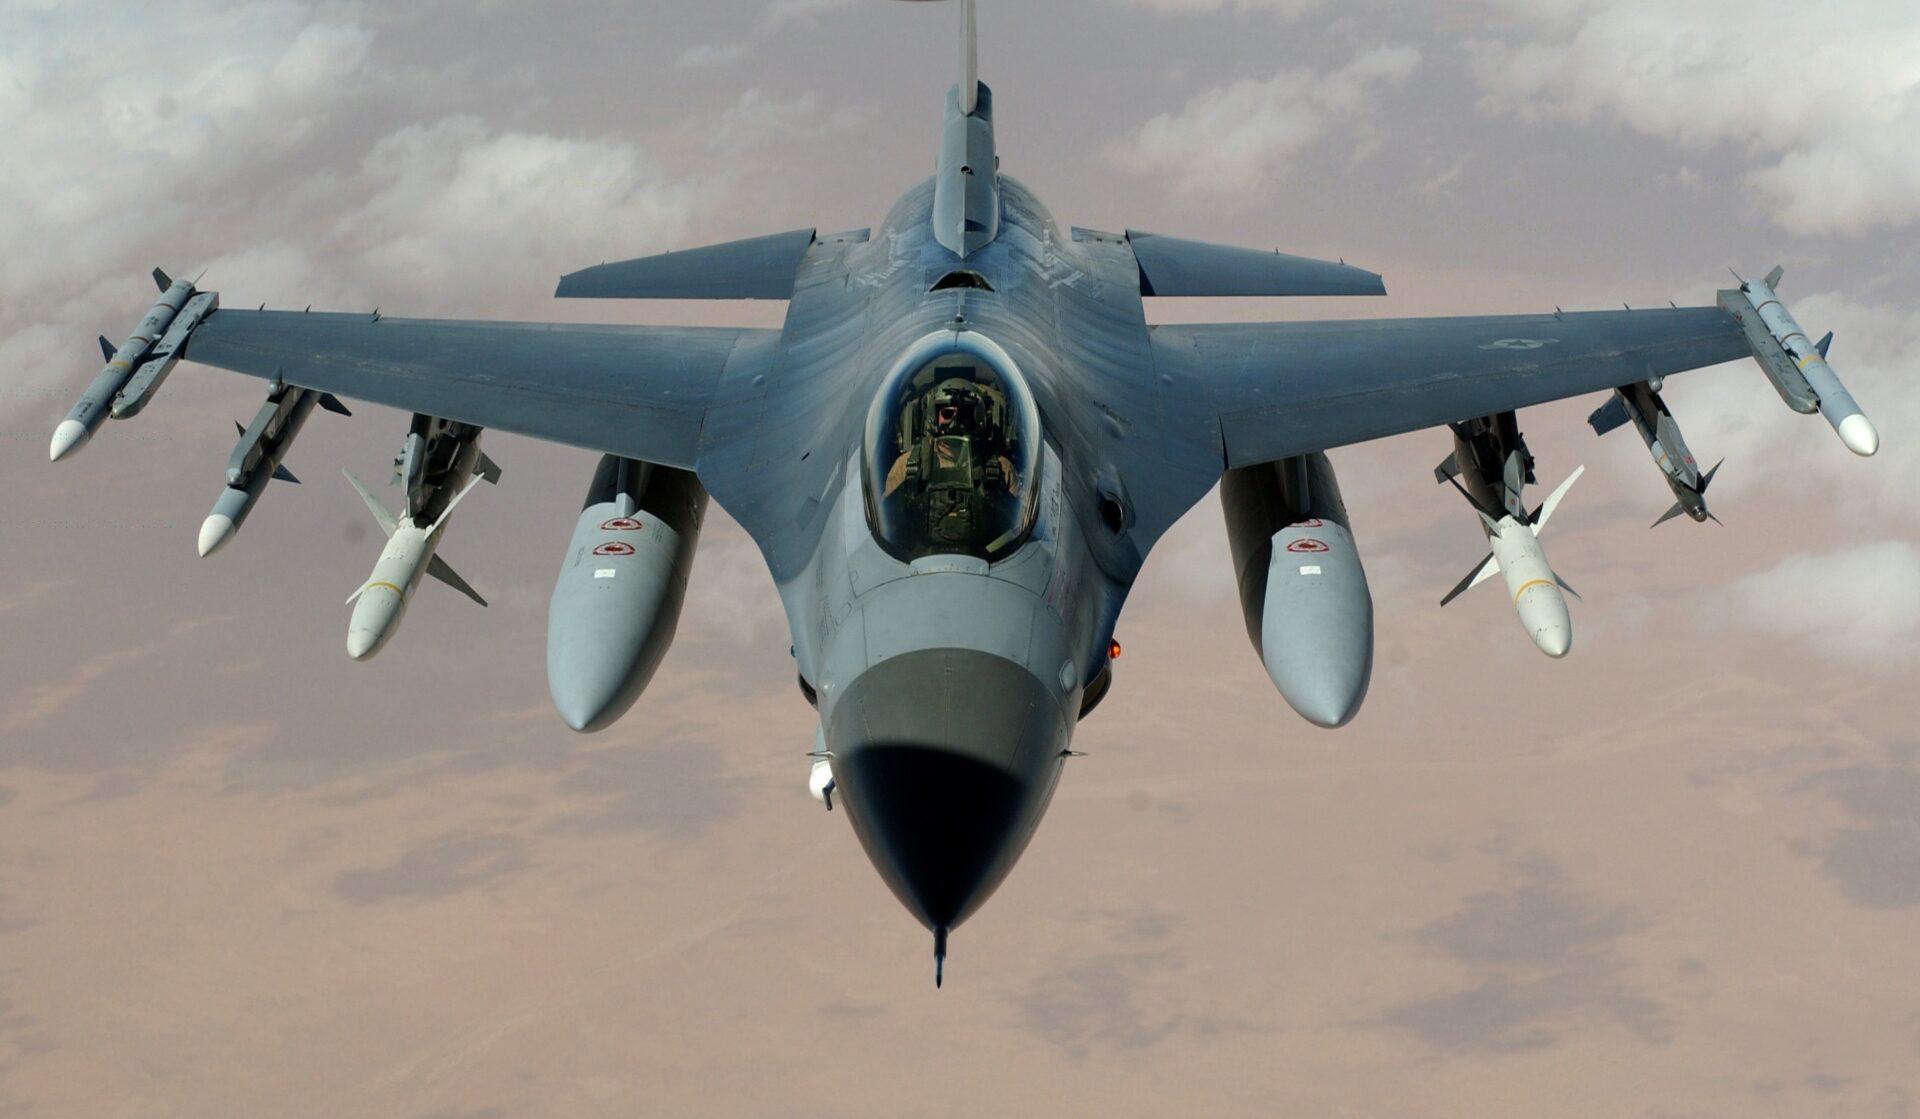 avion de défense militaire en plein vol armée de missile dans le secteur de la défense allemand